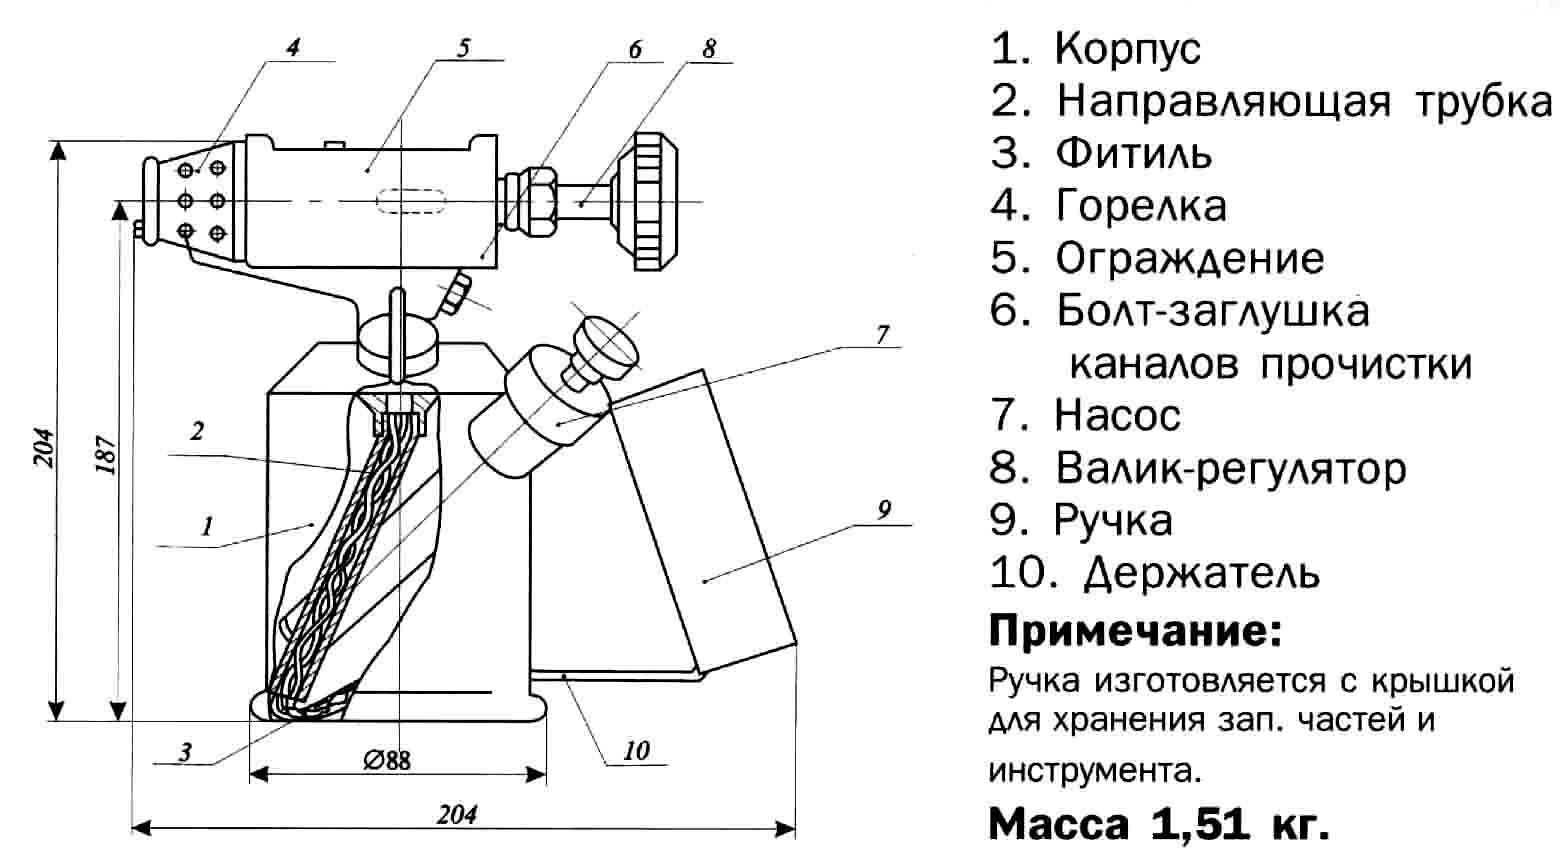 Инструкция по пользованию паяльной лампы